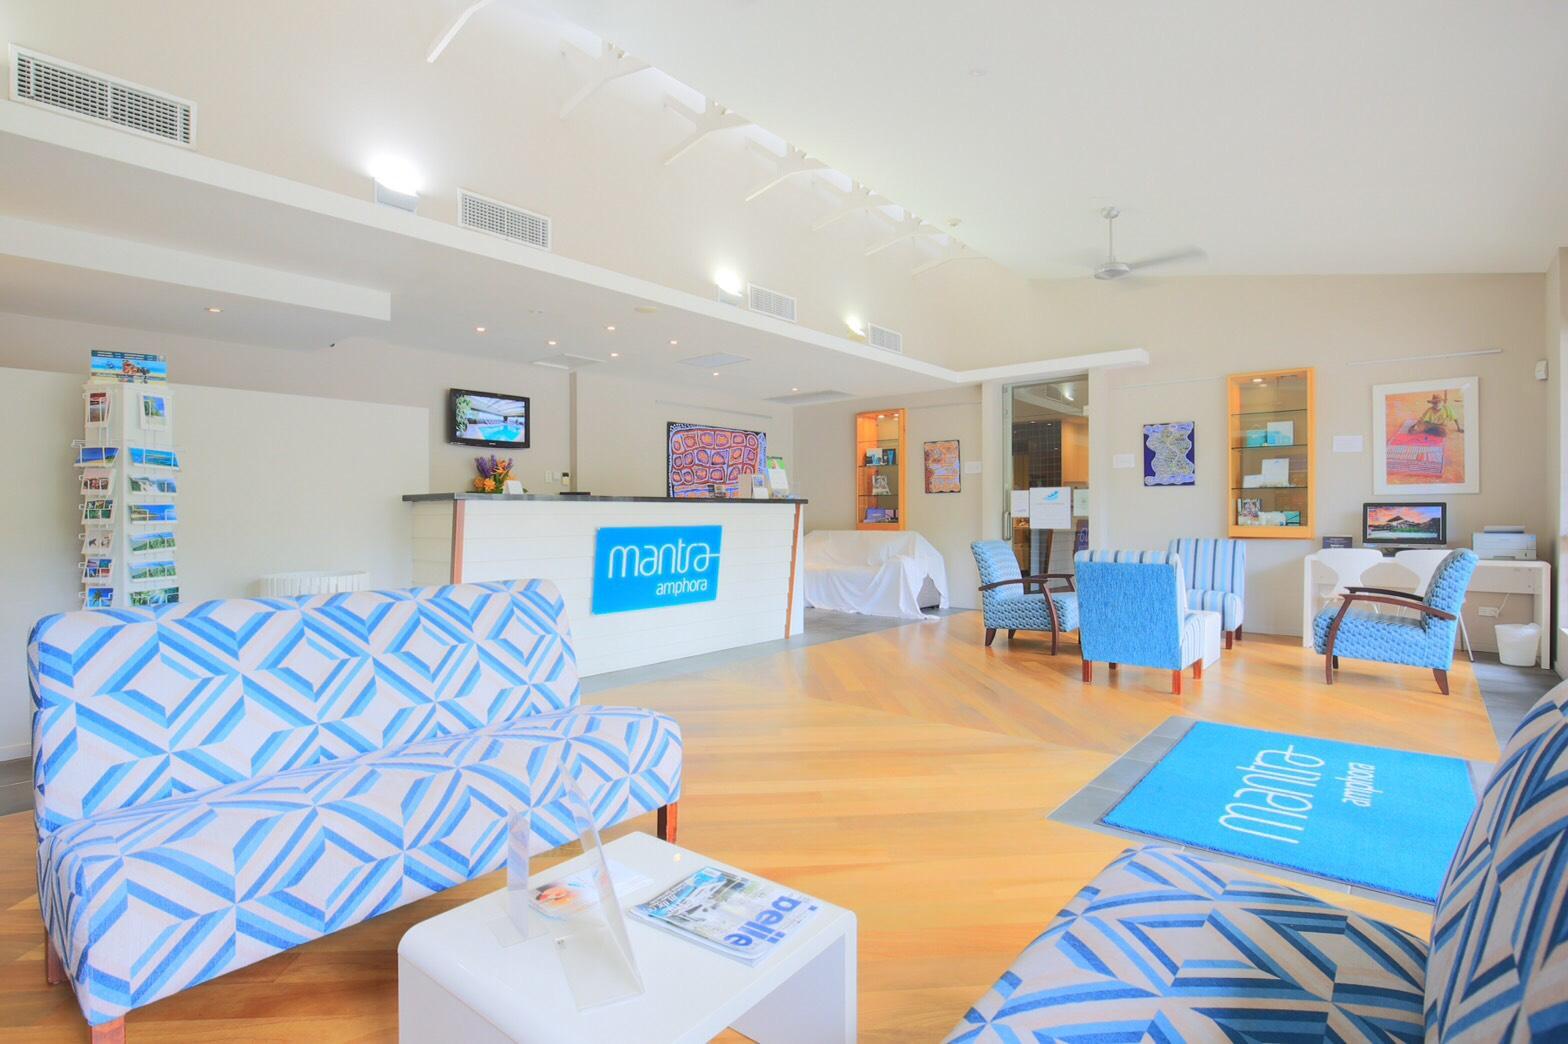 <p>涼しげな青を基調としたフロント、受付のスタッフはとても気さくで親切。</p>